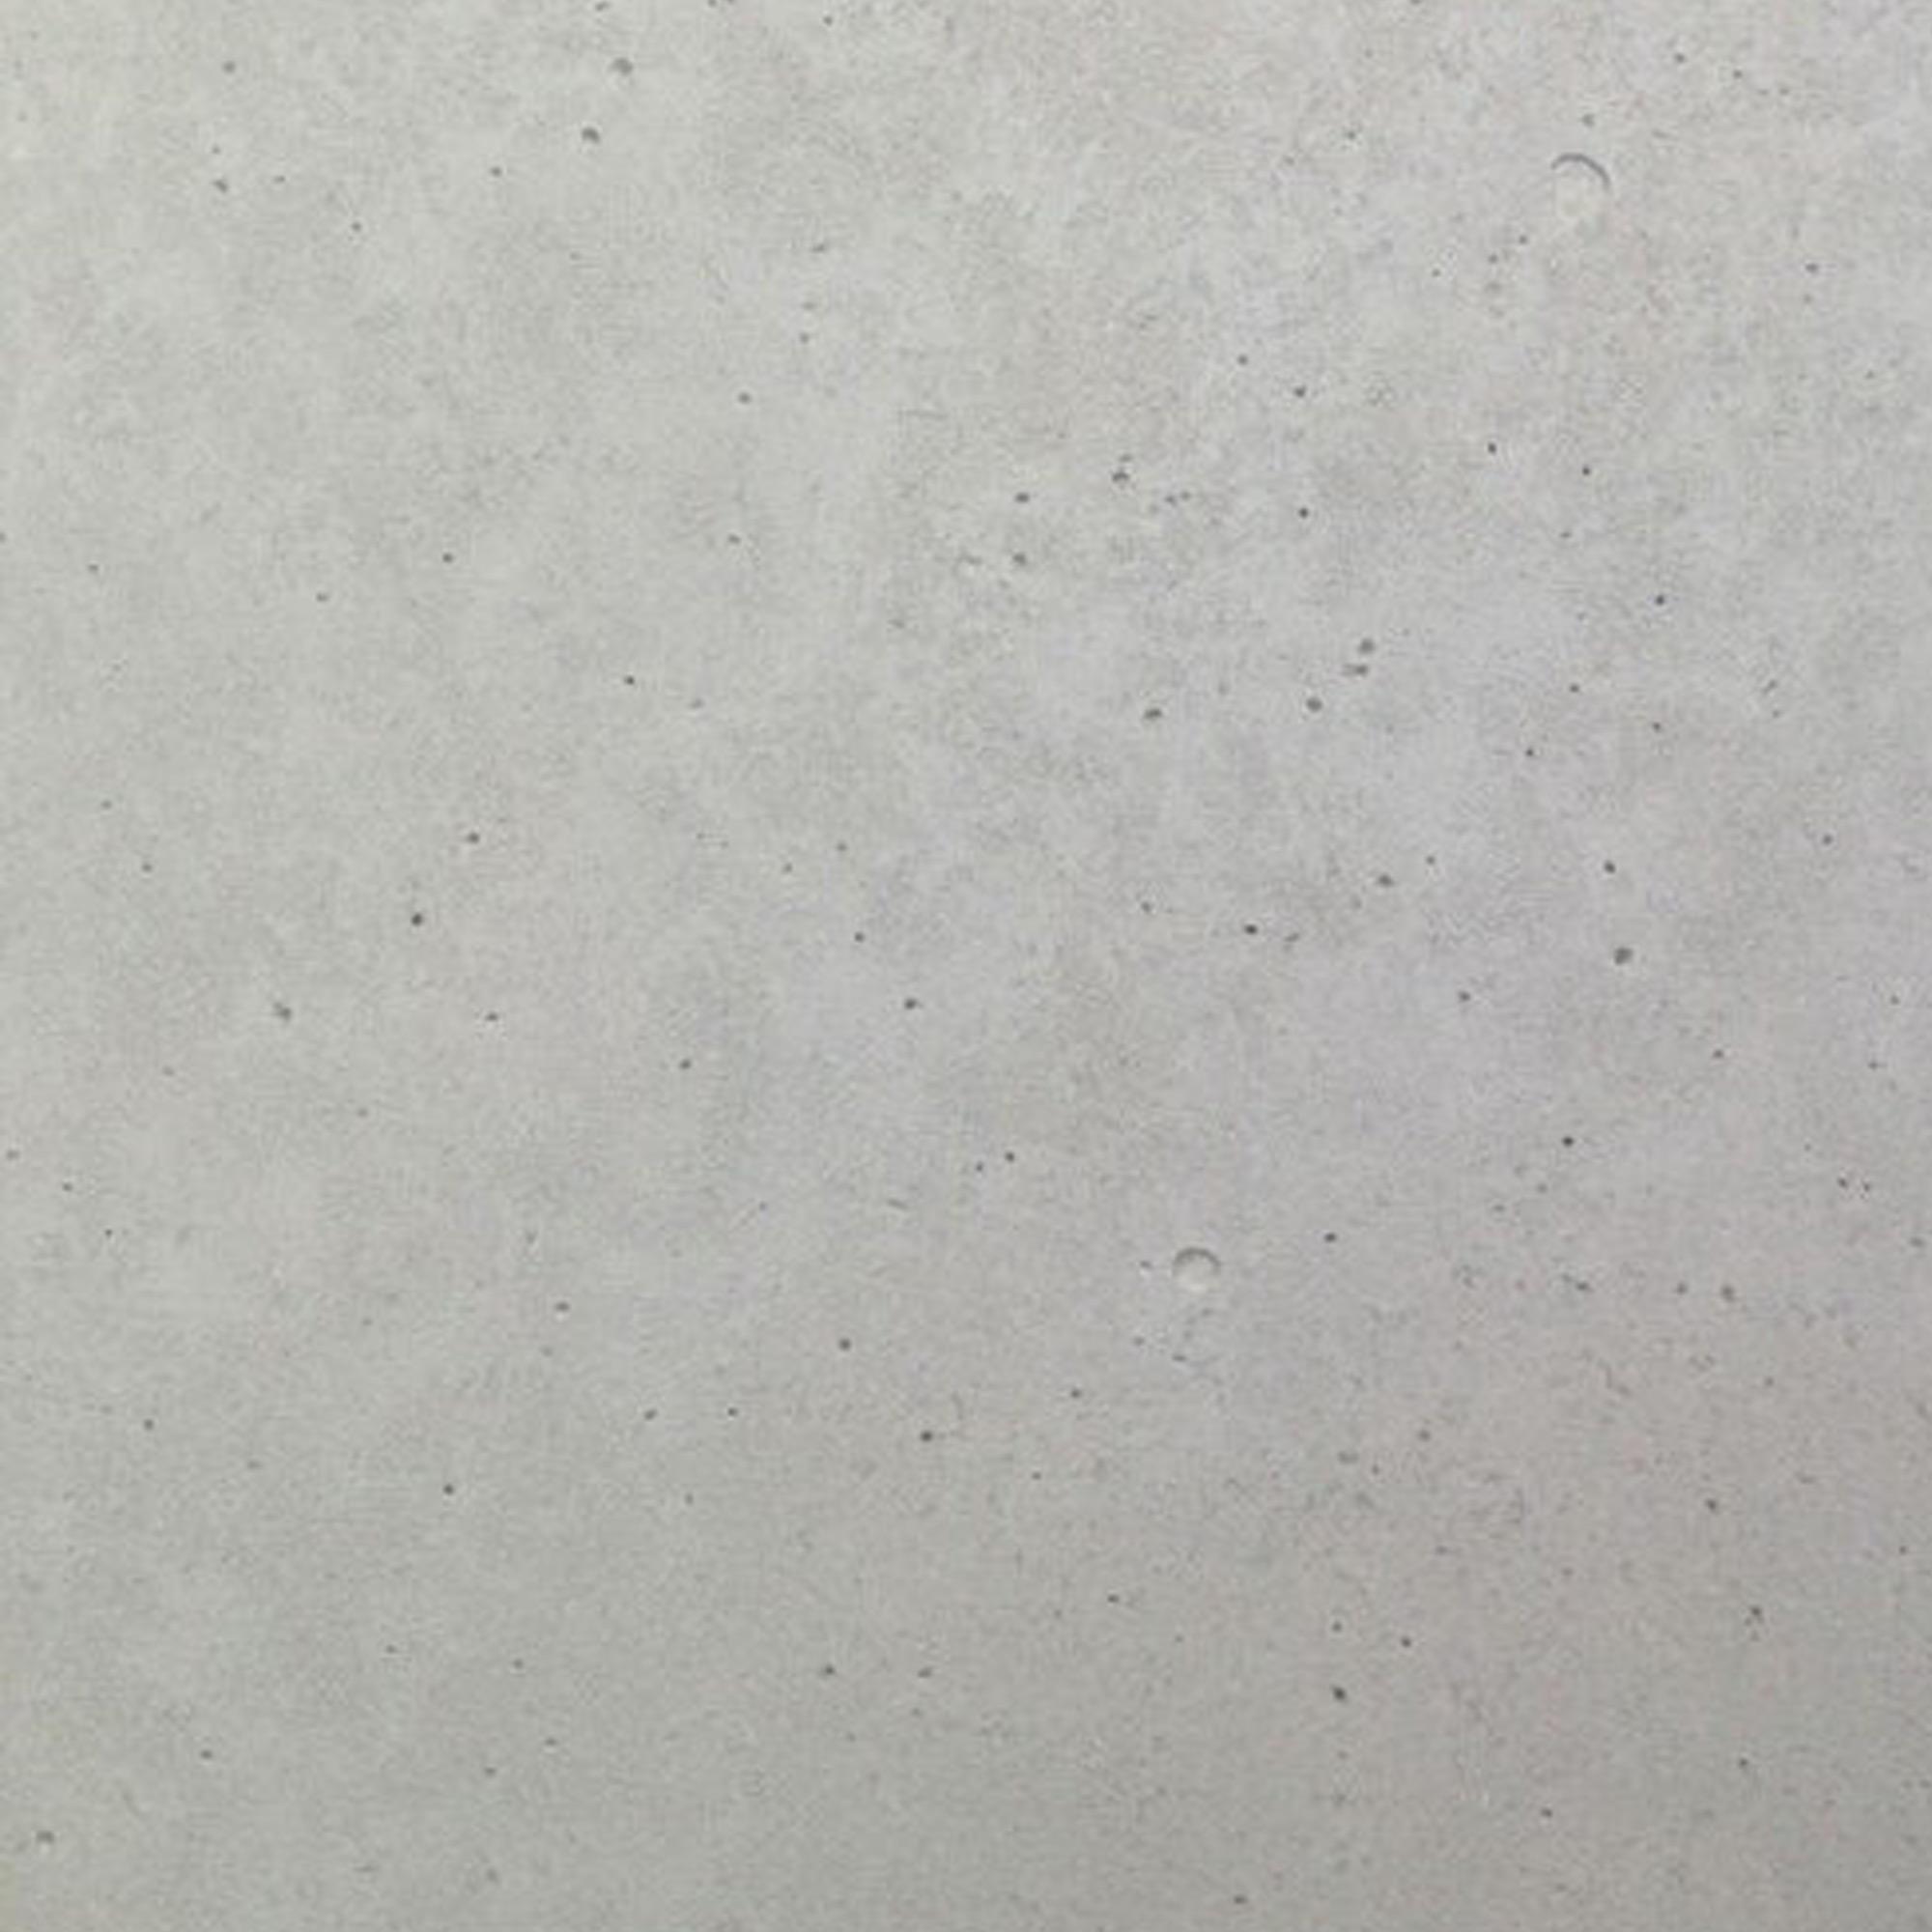 carousel-conclad-finiture-grigio20.jpg